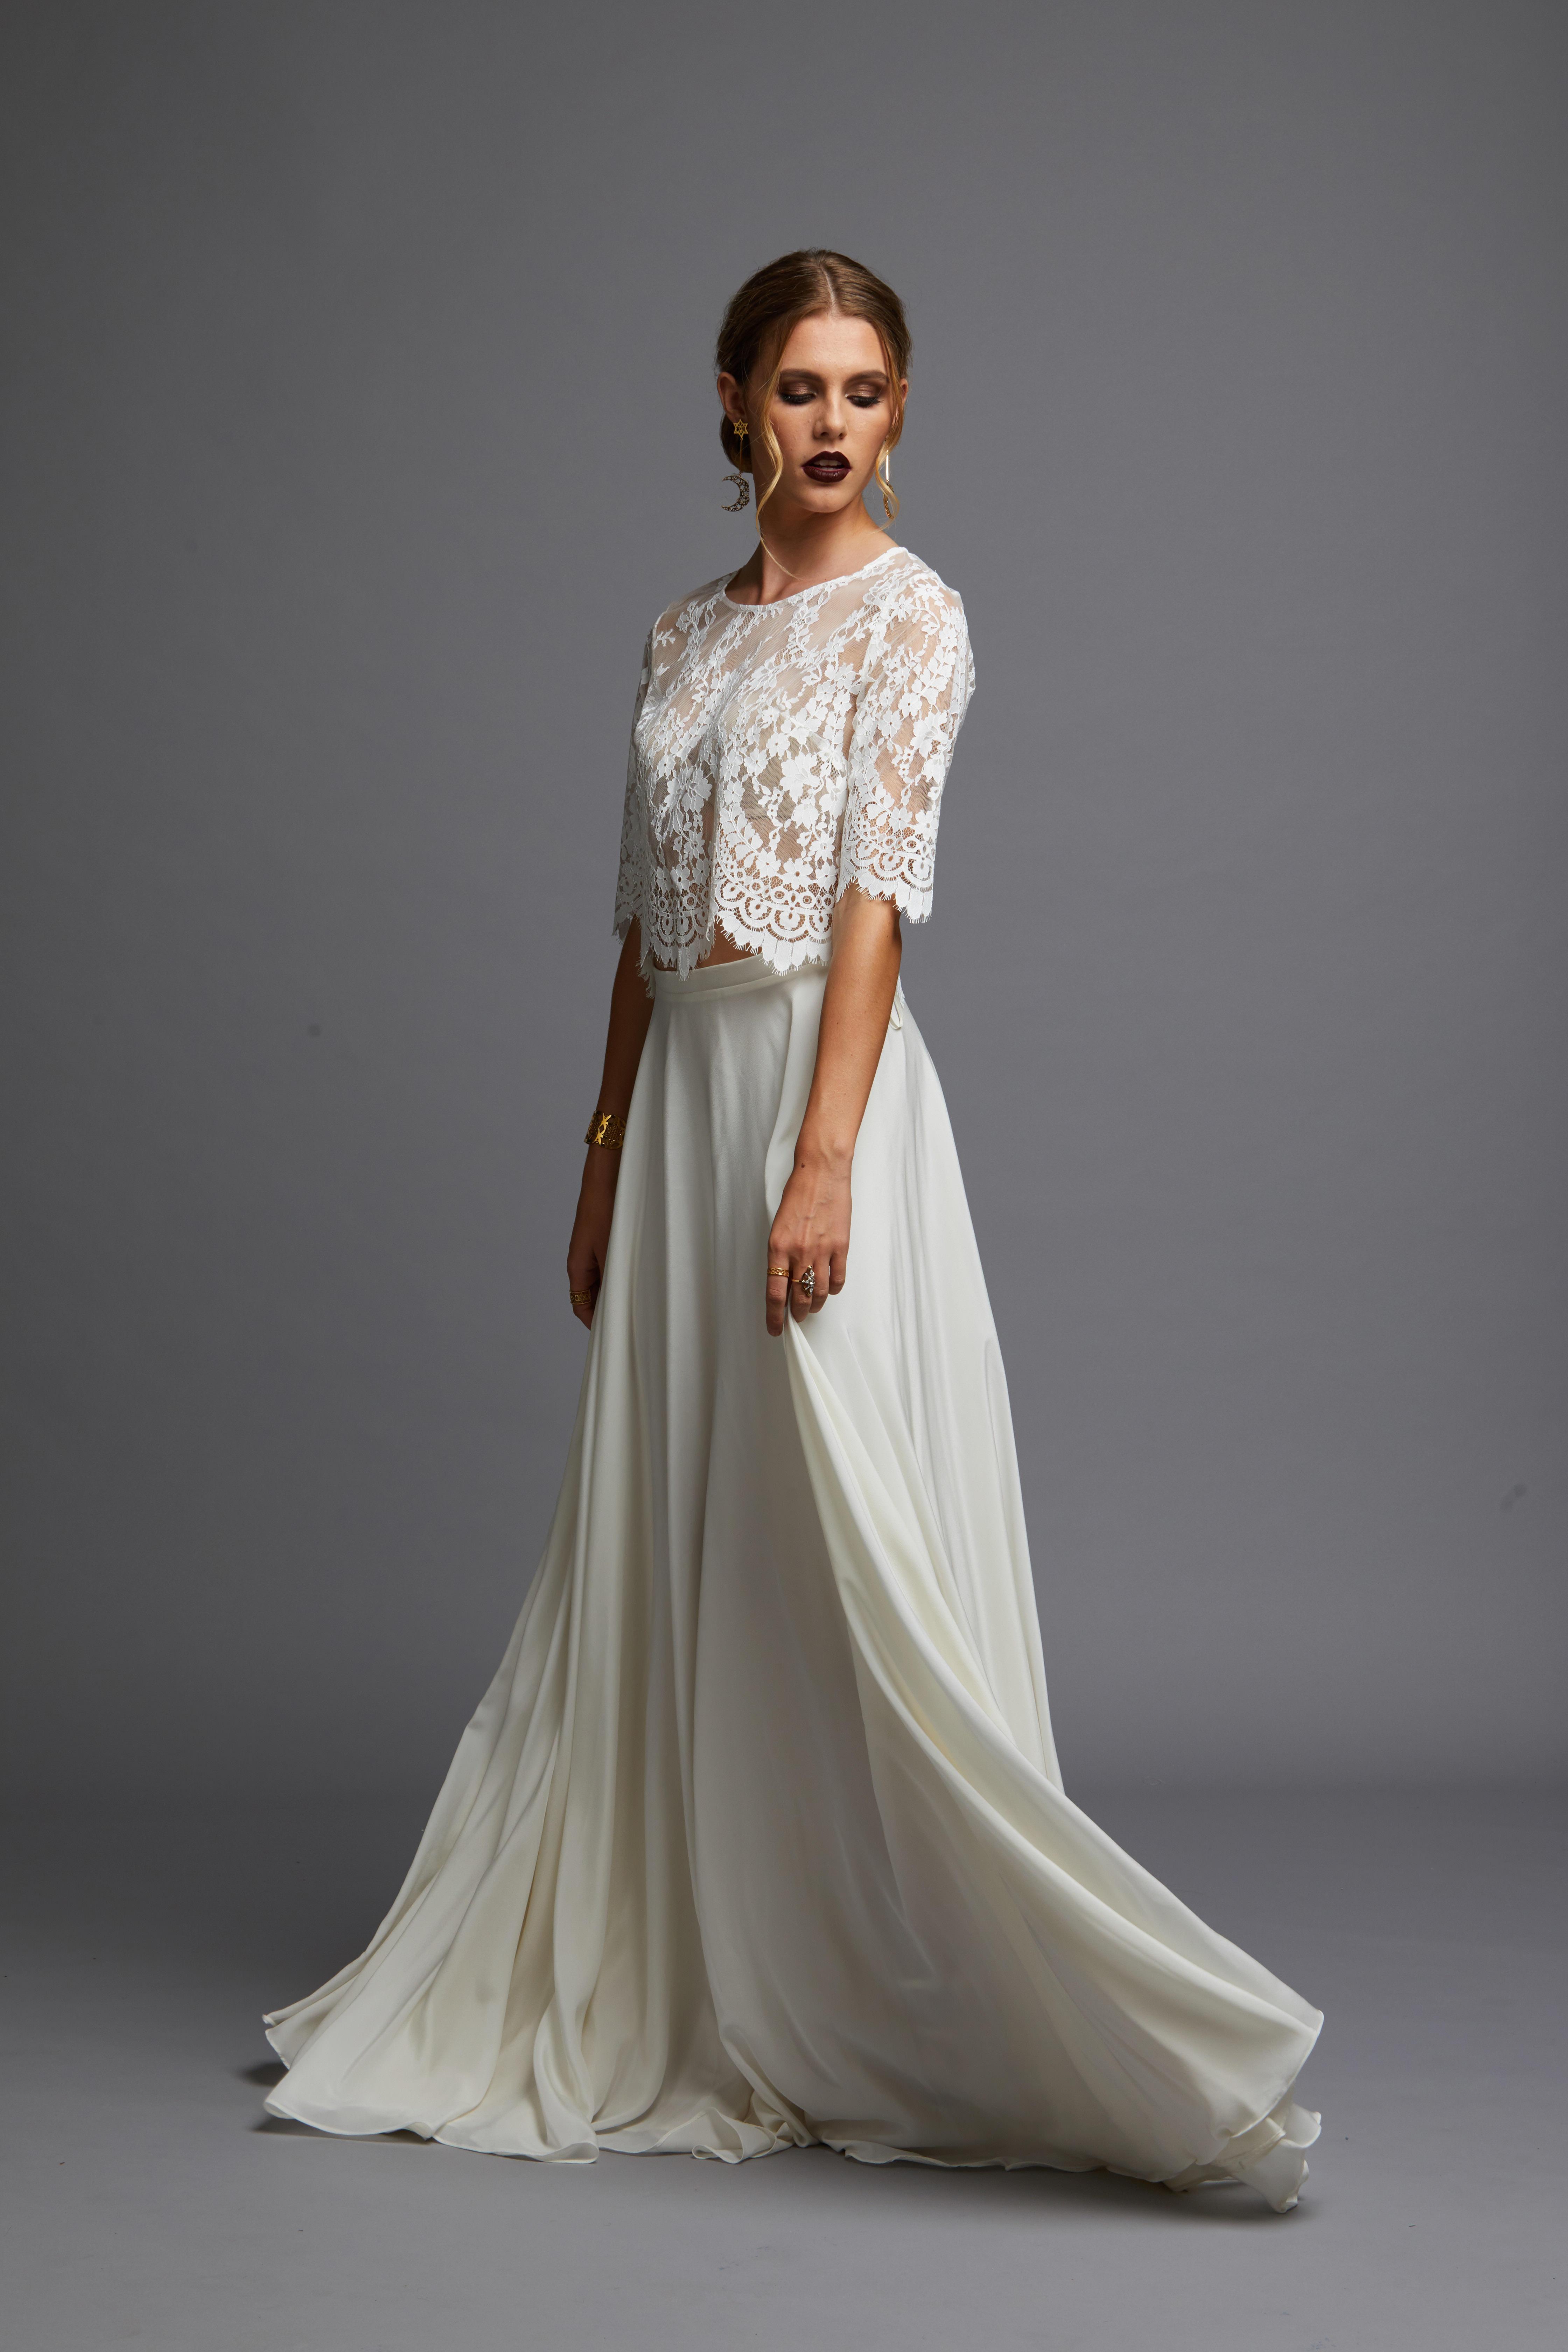 Natalie Chan Bridal Juliet in skirt wedding dress bridal shop store gowns christchurch wellington